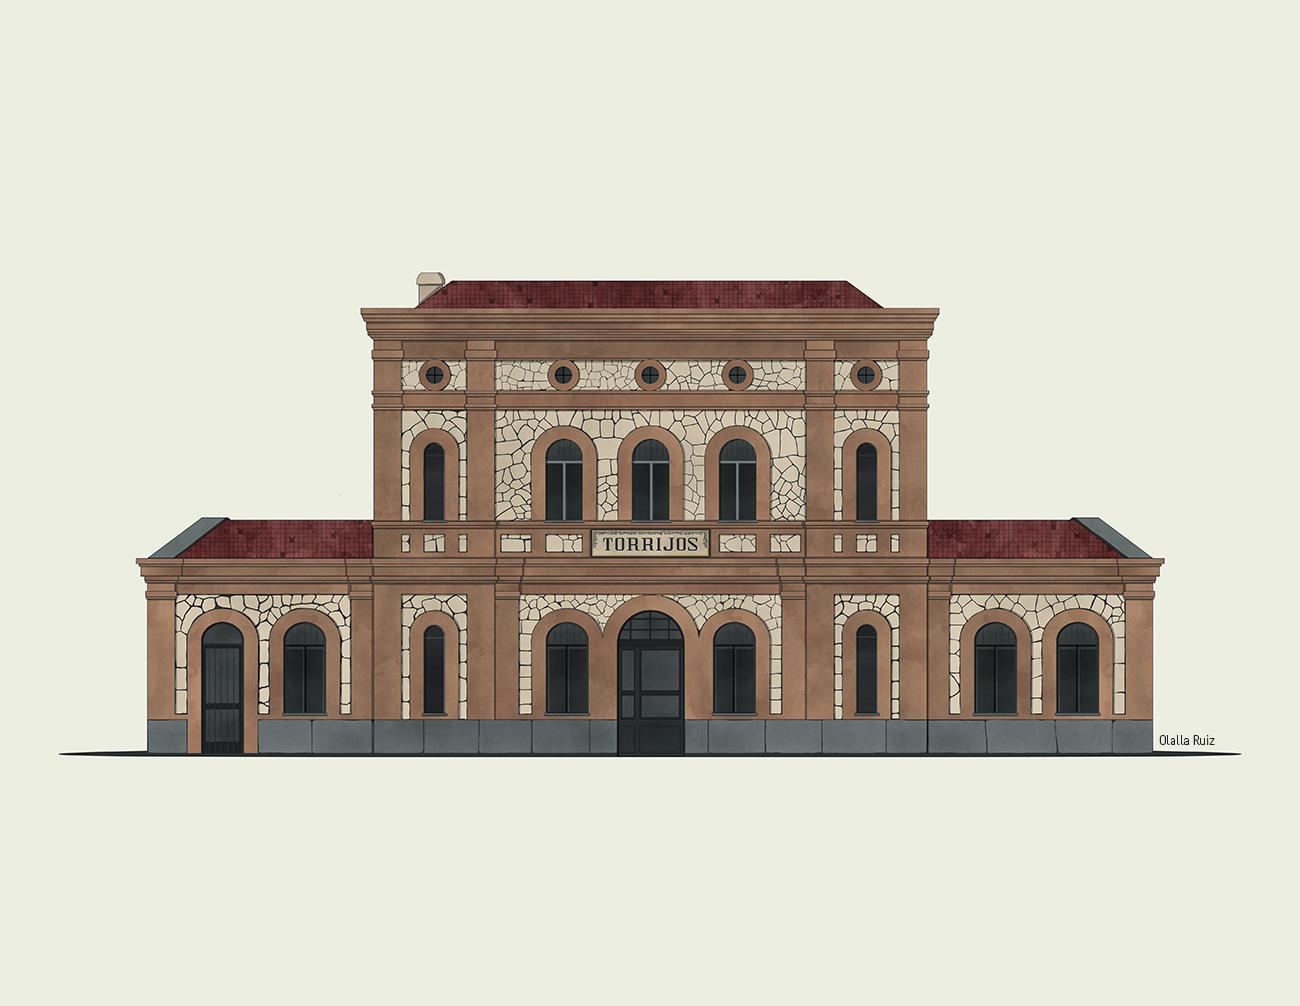 ilustración de arquitectura Estación de tren